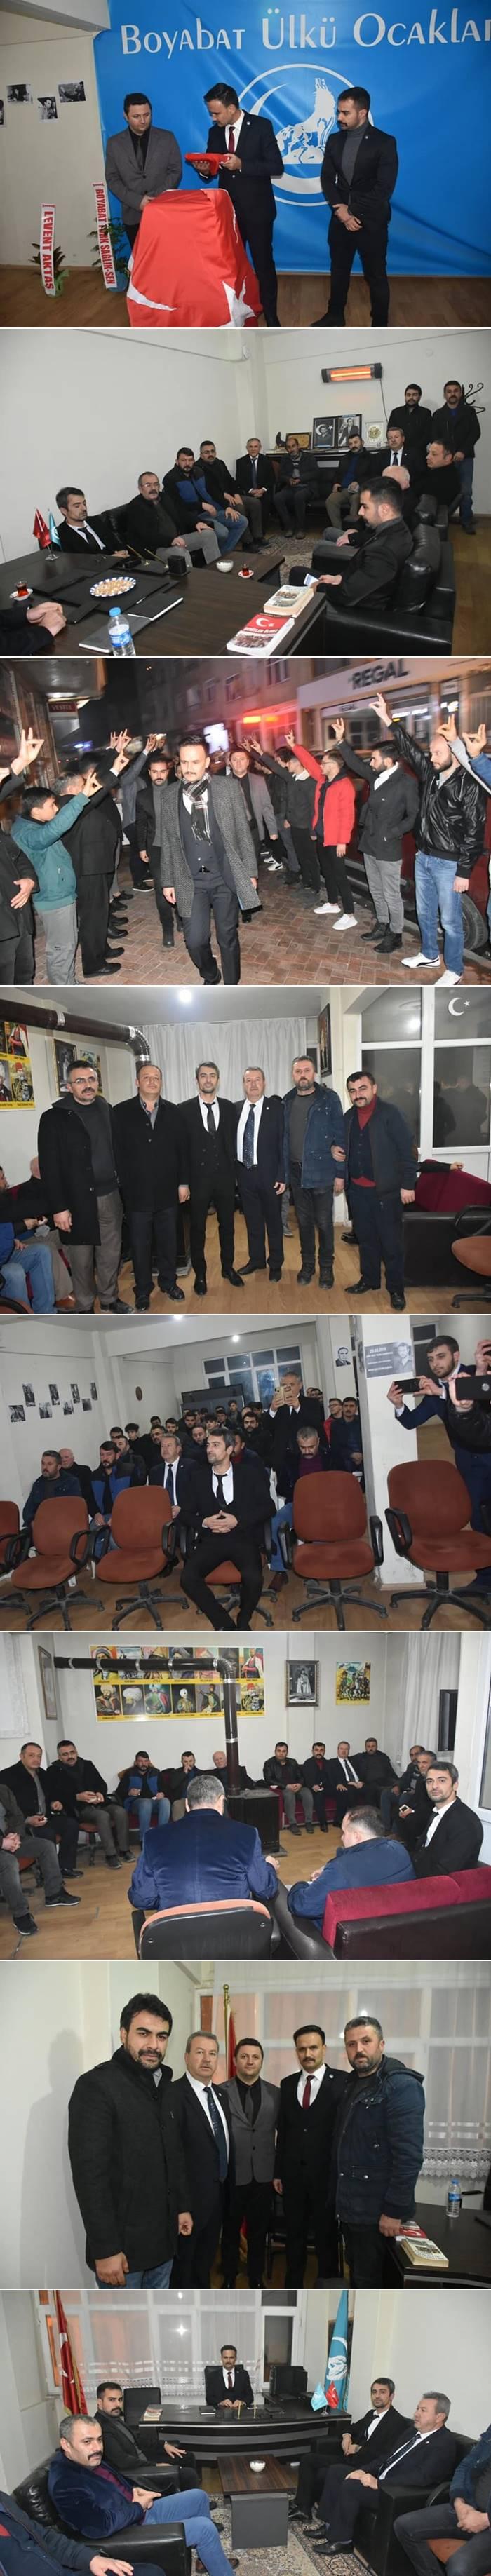 Sinop Ülkü Ocakları Başkanı Çağdaş Türkmen tarafından Boyabat Ülkü Ocakları Başkanlığı görevine Kerim Yener atandı.